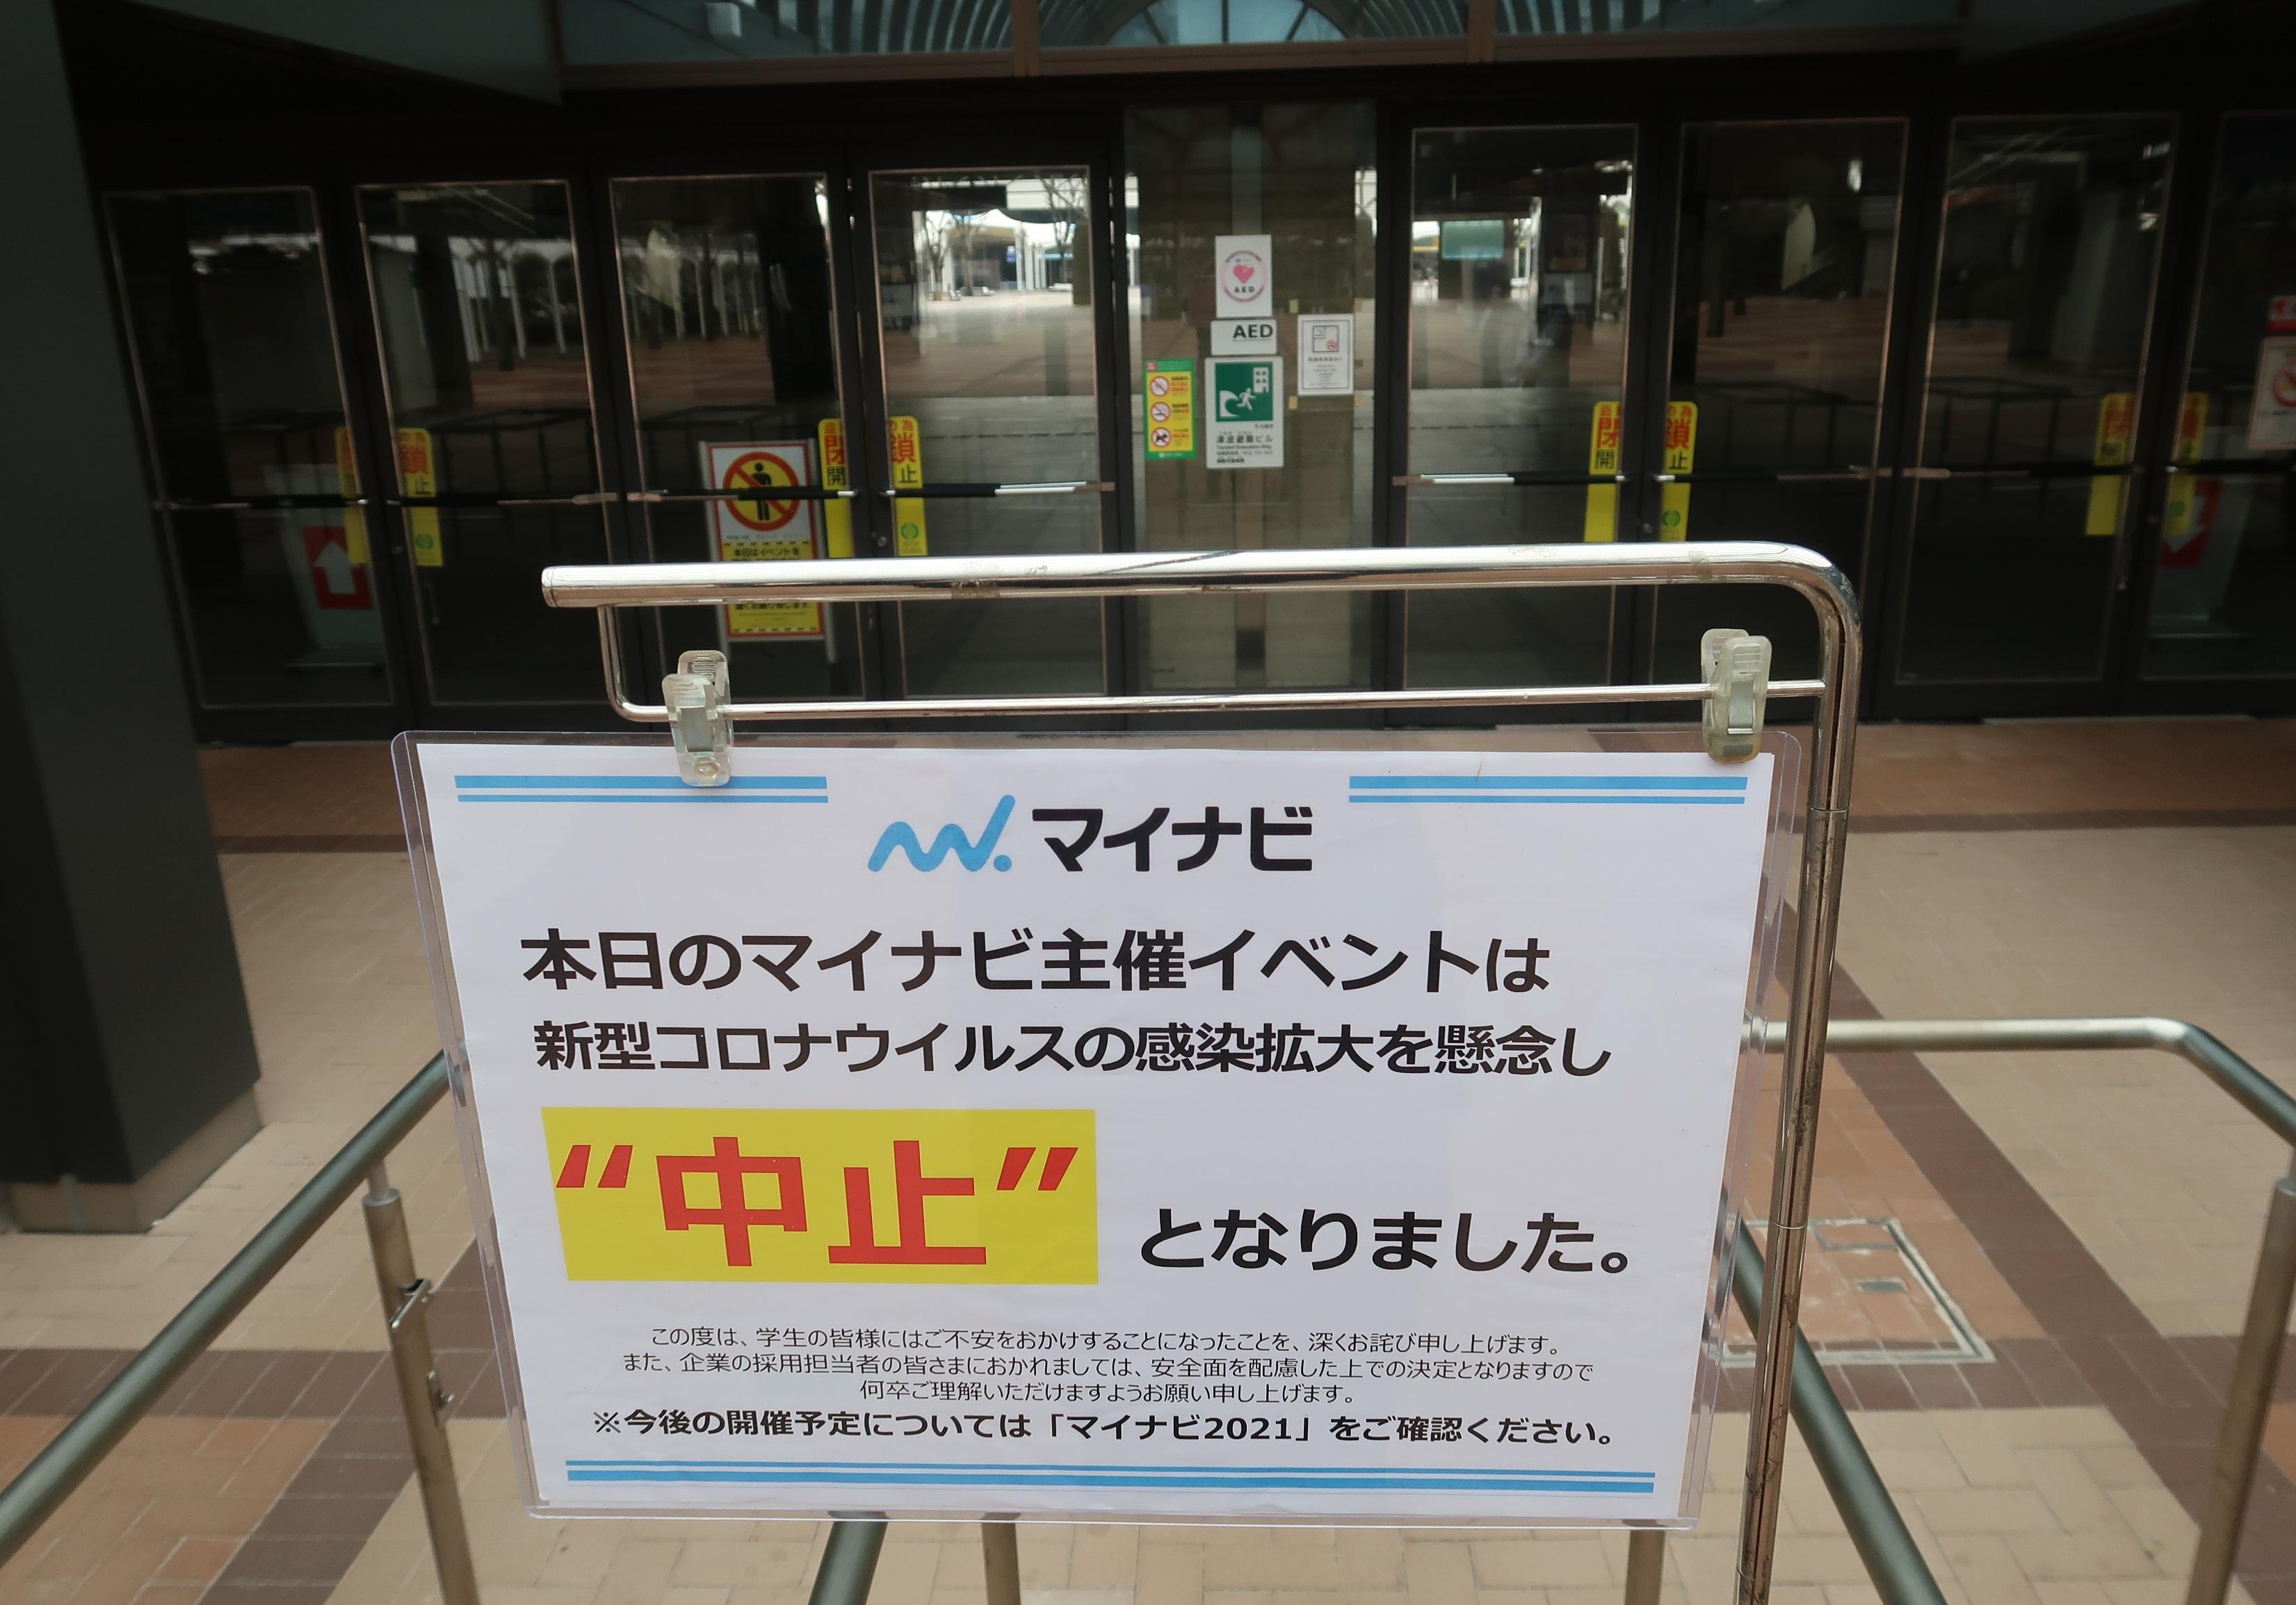 大阪 コロナ ウイルス ニュース